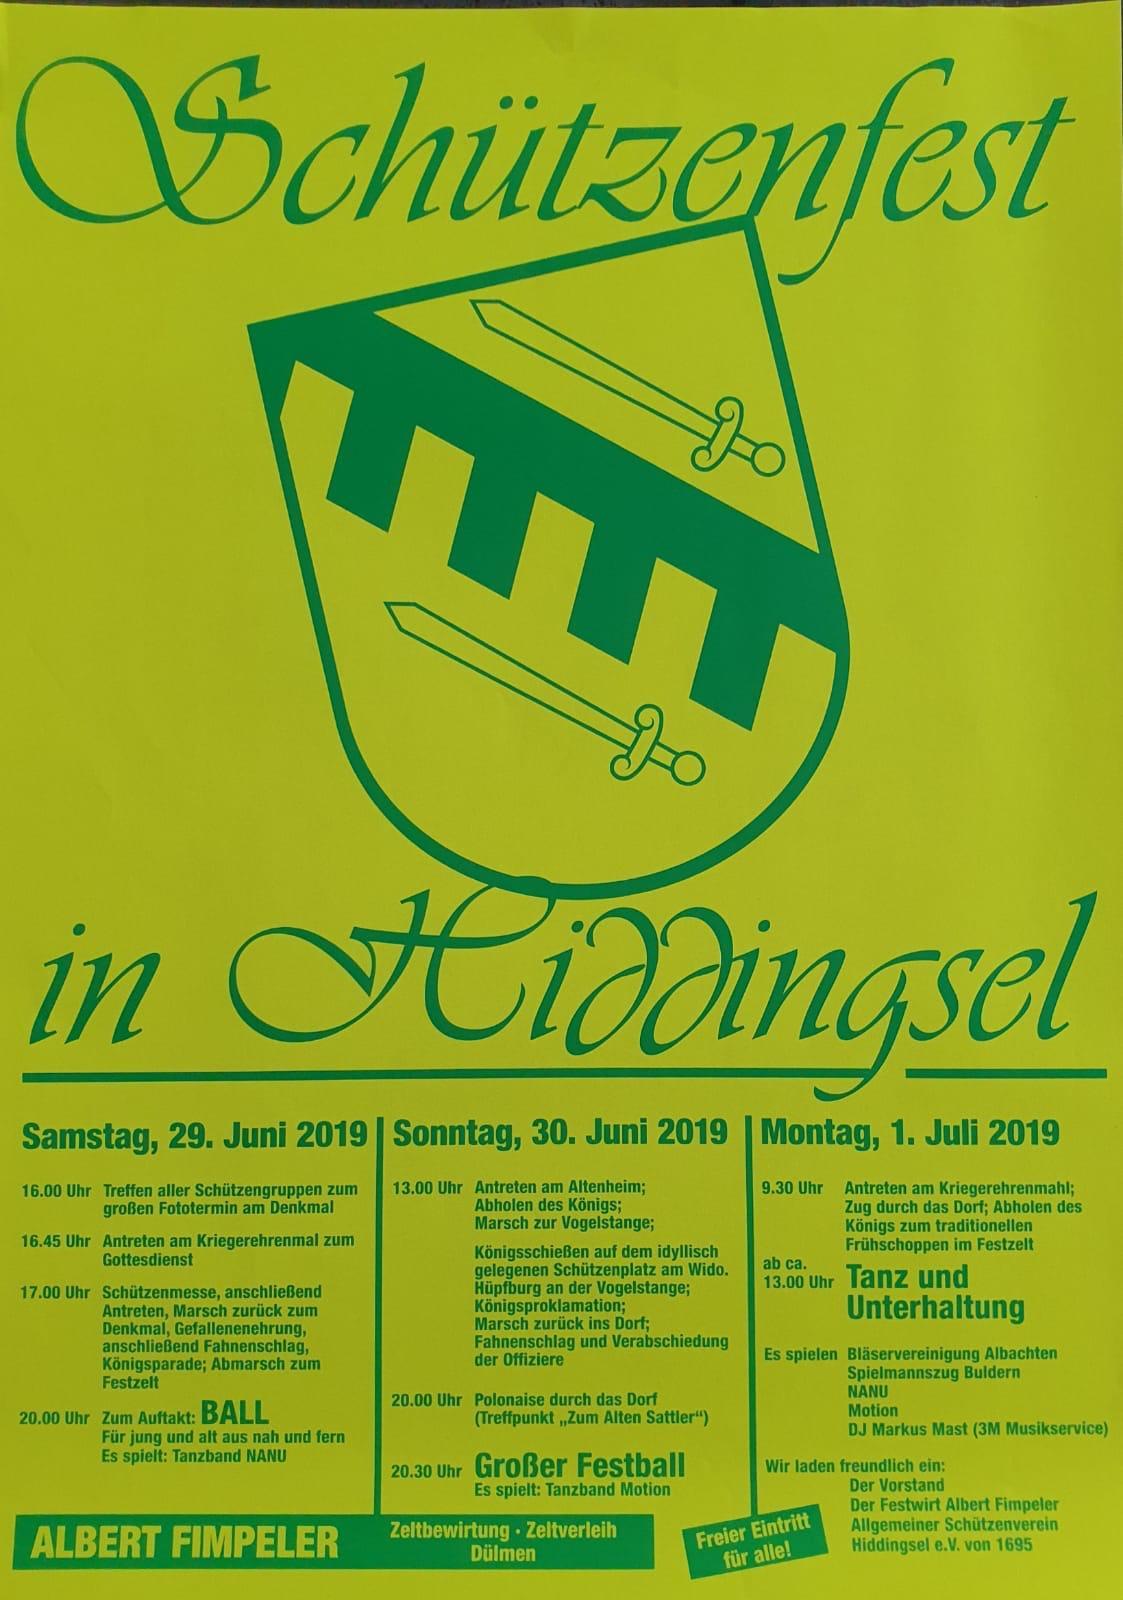 Schützenfest in Hiddingsel